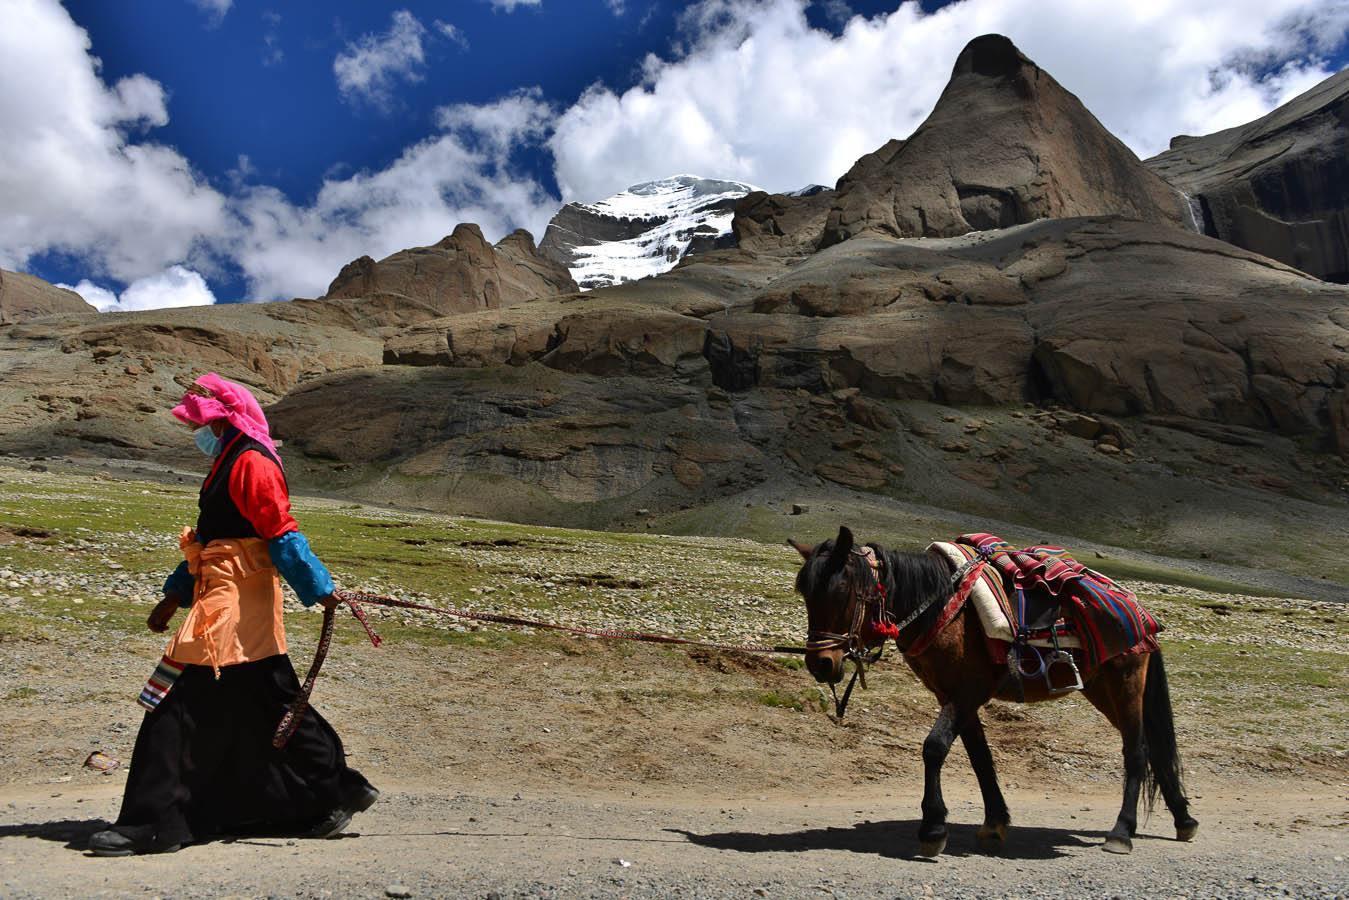 西藏不是你想进就能进,有钱有时间也不一定行,这些人不能随便去